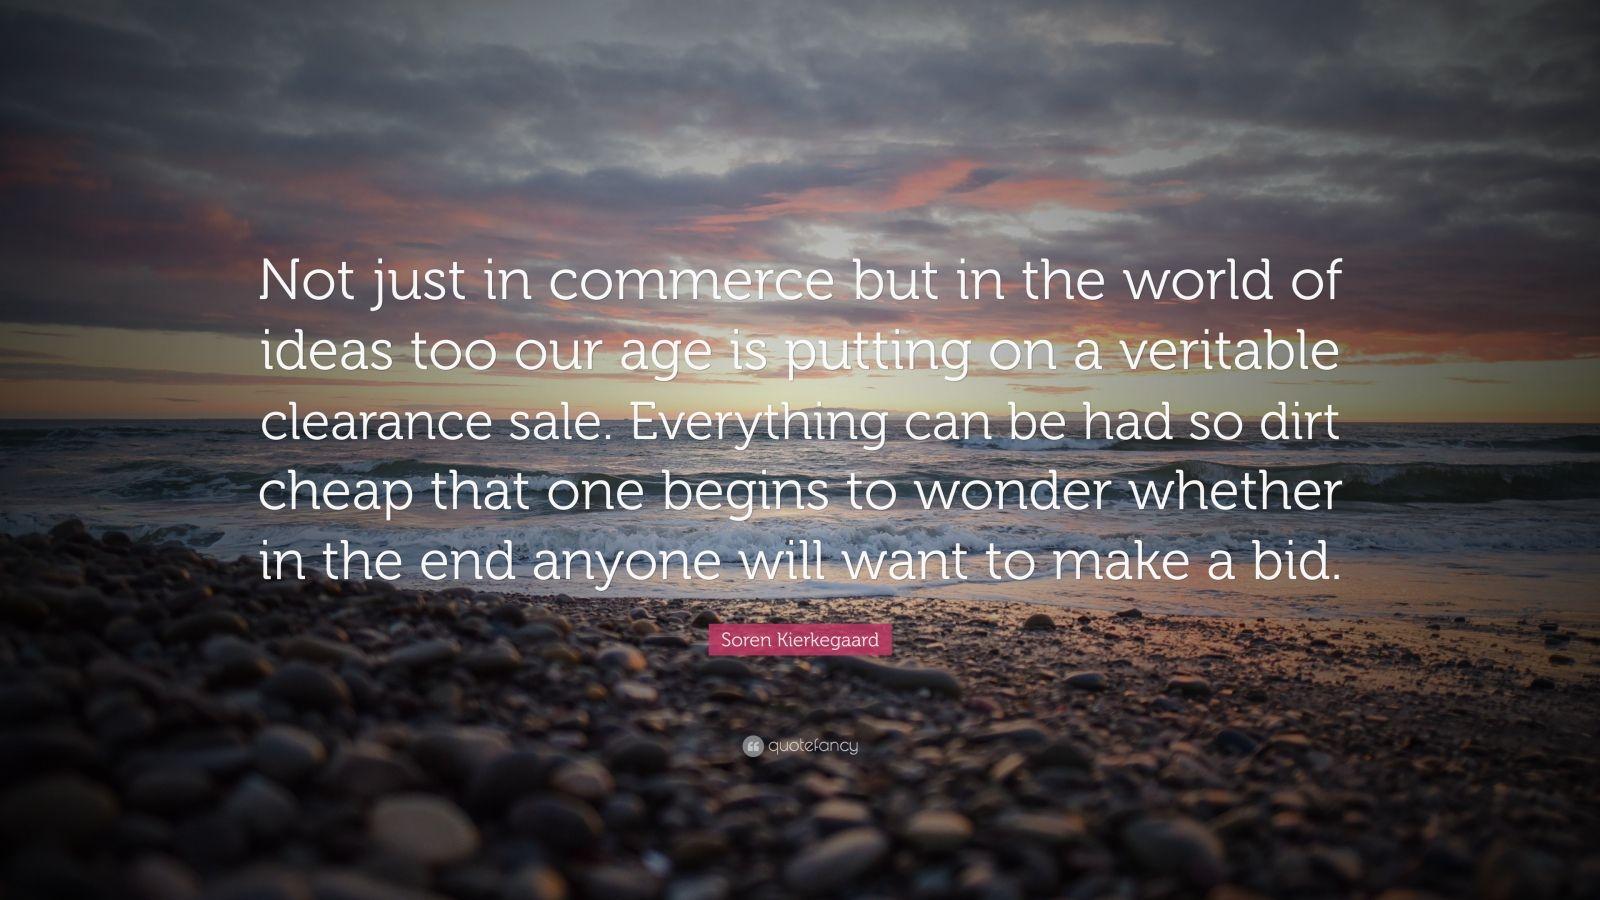 """Soren Kierkegaard Quotes 100 Wallpapers: Soren Kierkegaard Quote: """"Not Just In Commerce But In The"""